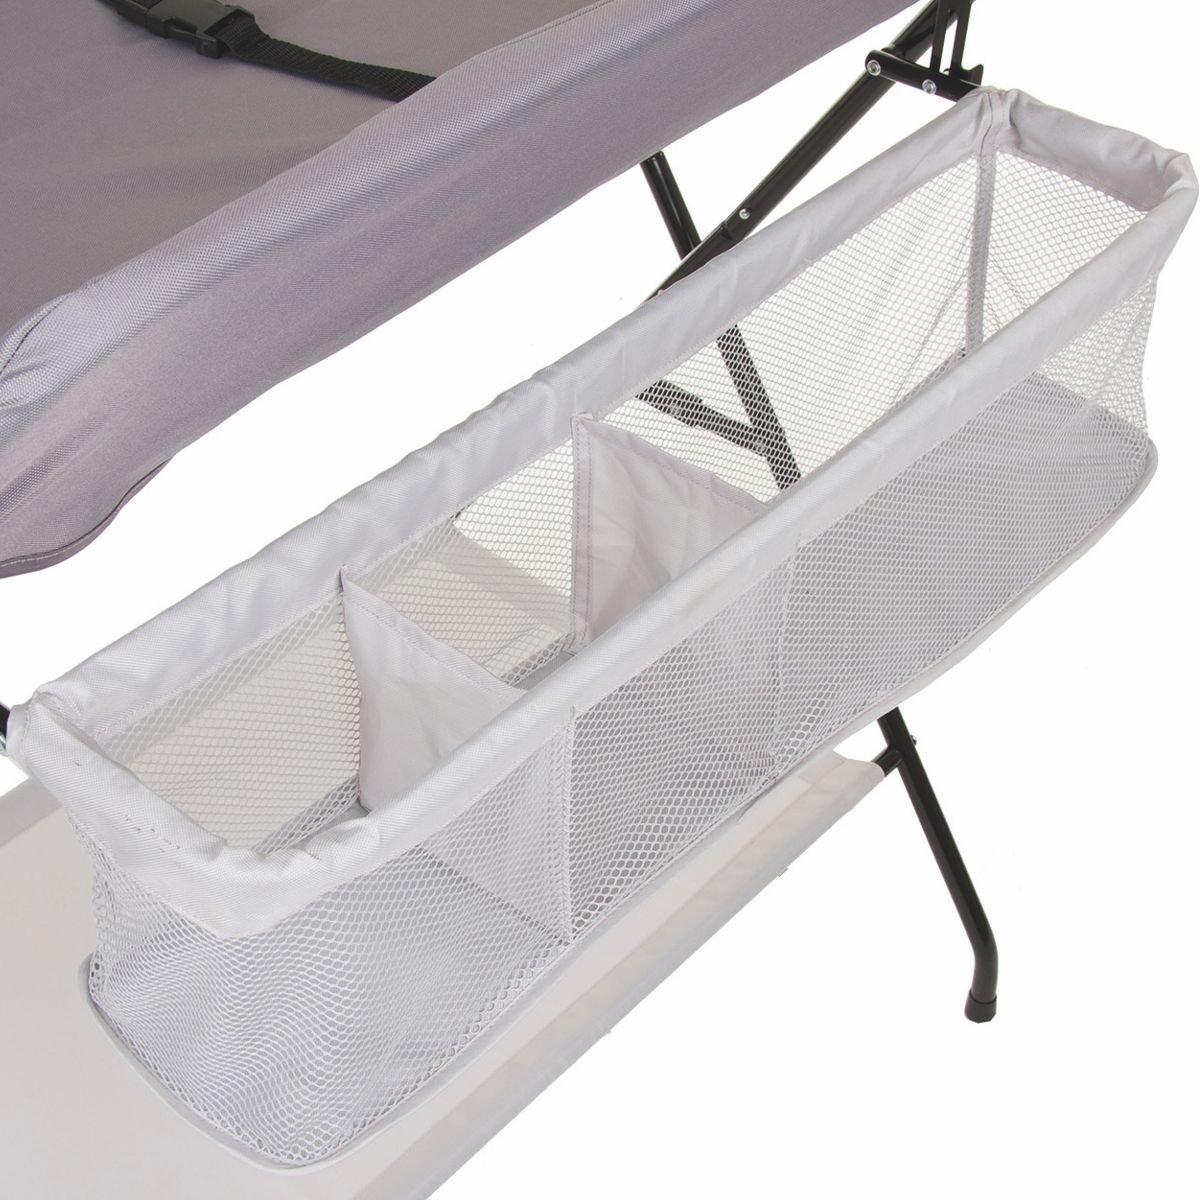 pliable Table /à langer mobile//OMBI /à langer//matelas /à langer